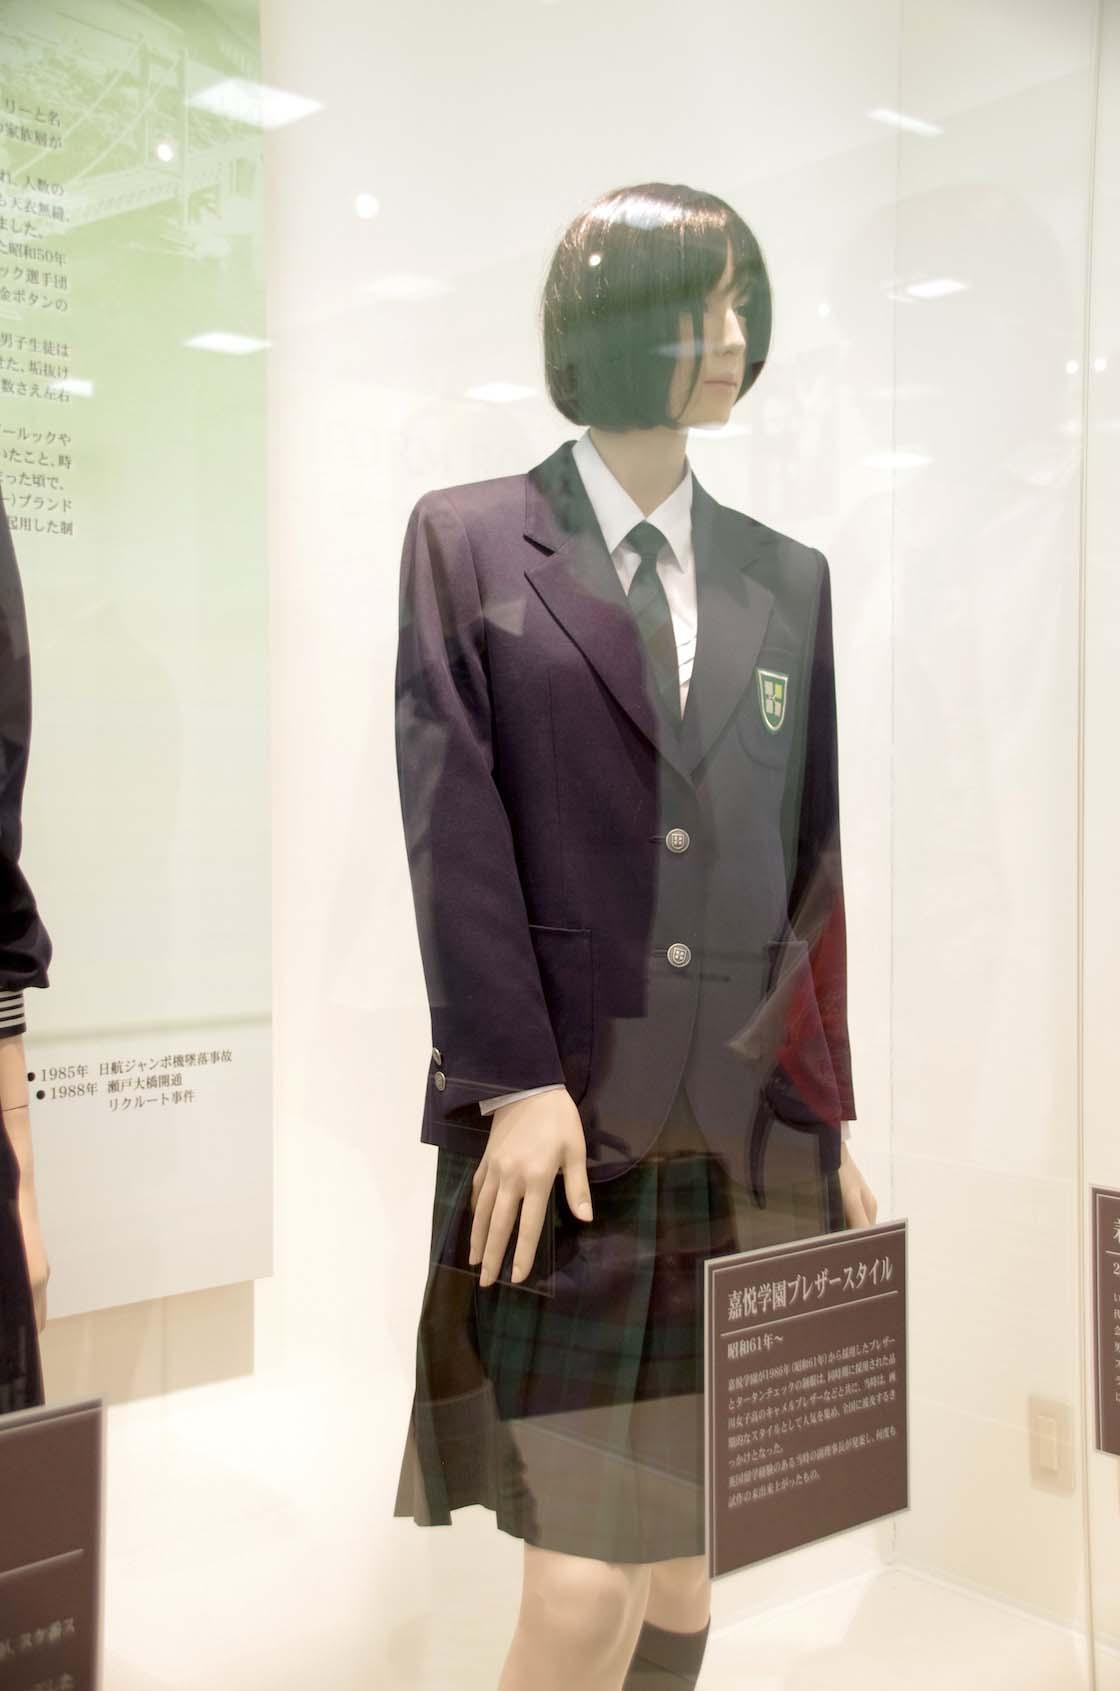 喜悦学園が採用した紺ブレザーとタータンチェックのスカートの制服